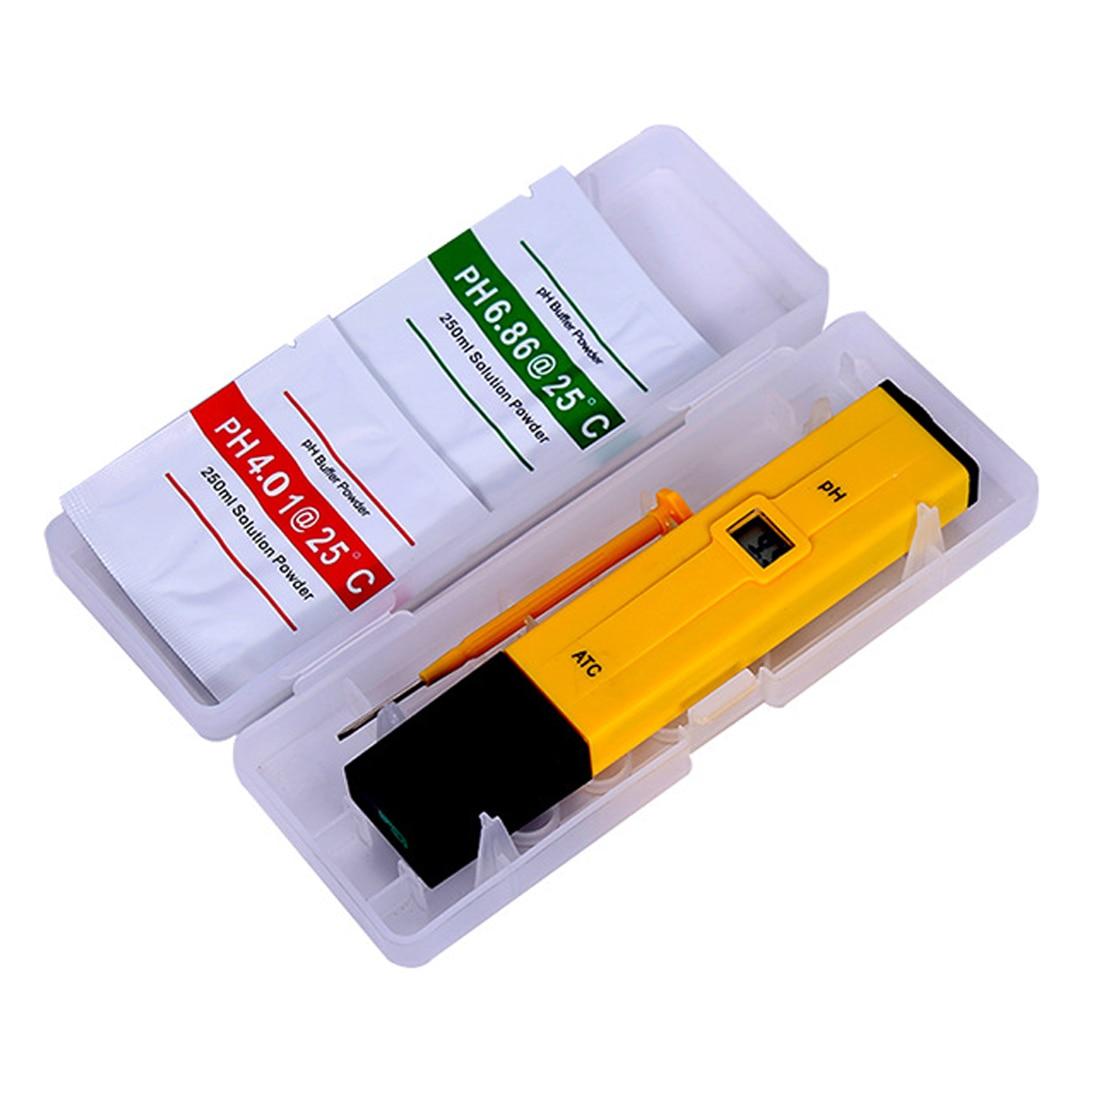 1pcs Portátil Digital Medidor de PH Tester Medidor Pen Medidor de PH 0.0-14.0 PH De Alta Precisão para a Bebida e Comida monitor de PH de laboratório